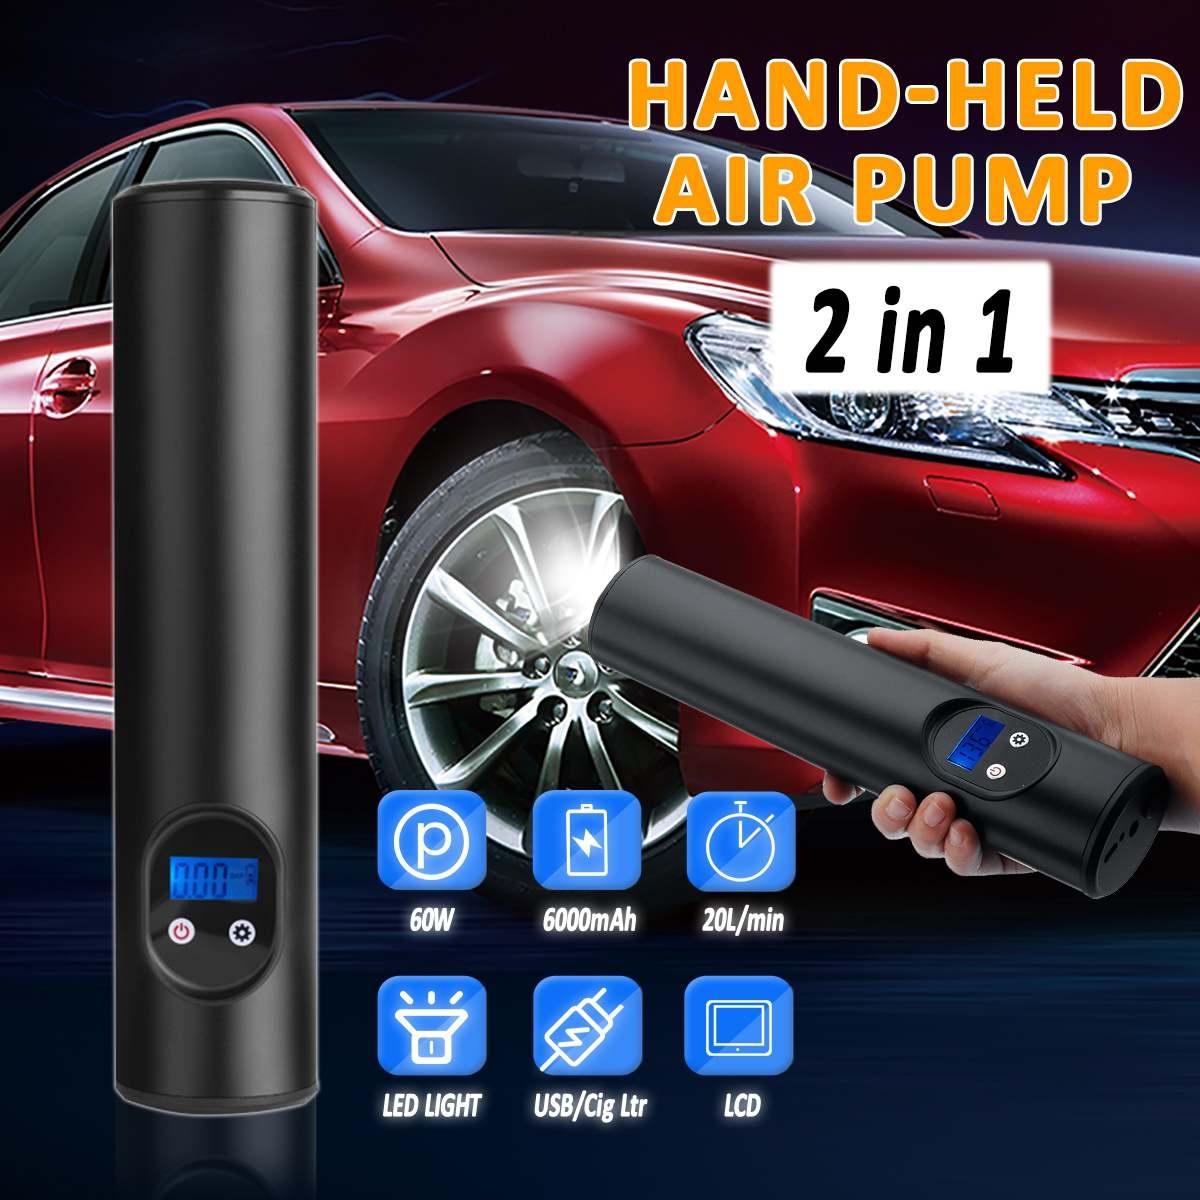 6000 мАч 150PSI автомобильный надувной воздушный насос USB интерфейс беспроводной воздушный компрессор автомобильный мини велосипед Тыква надув...